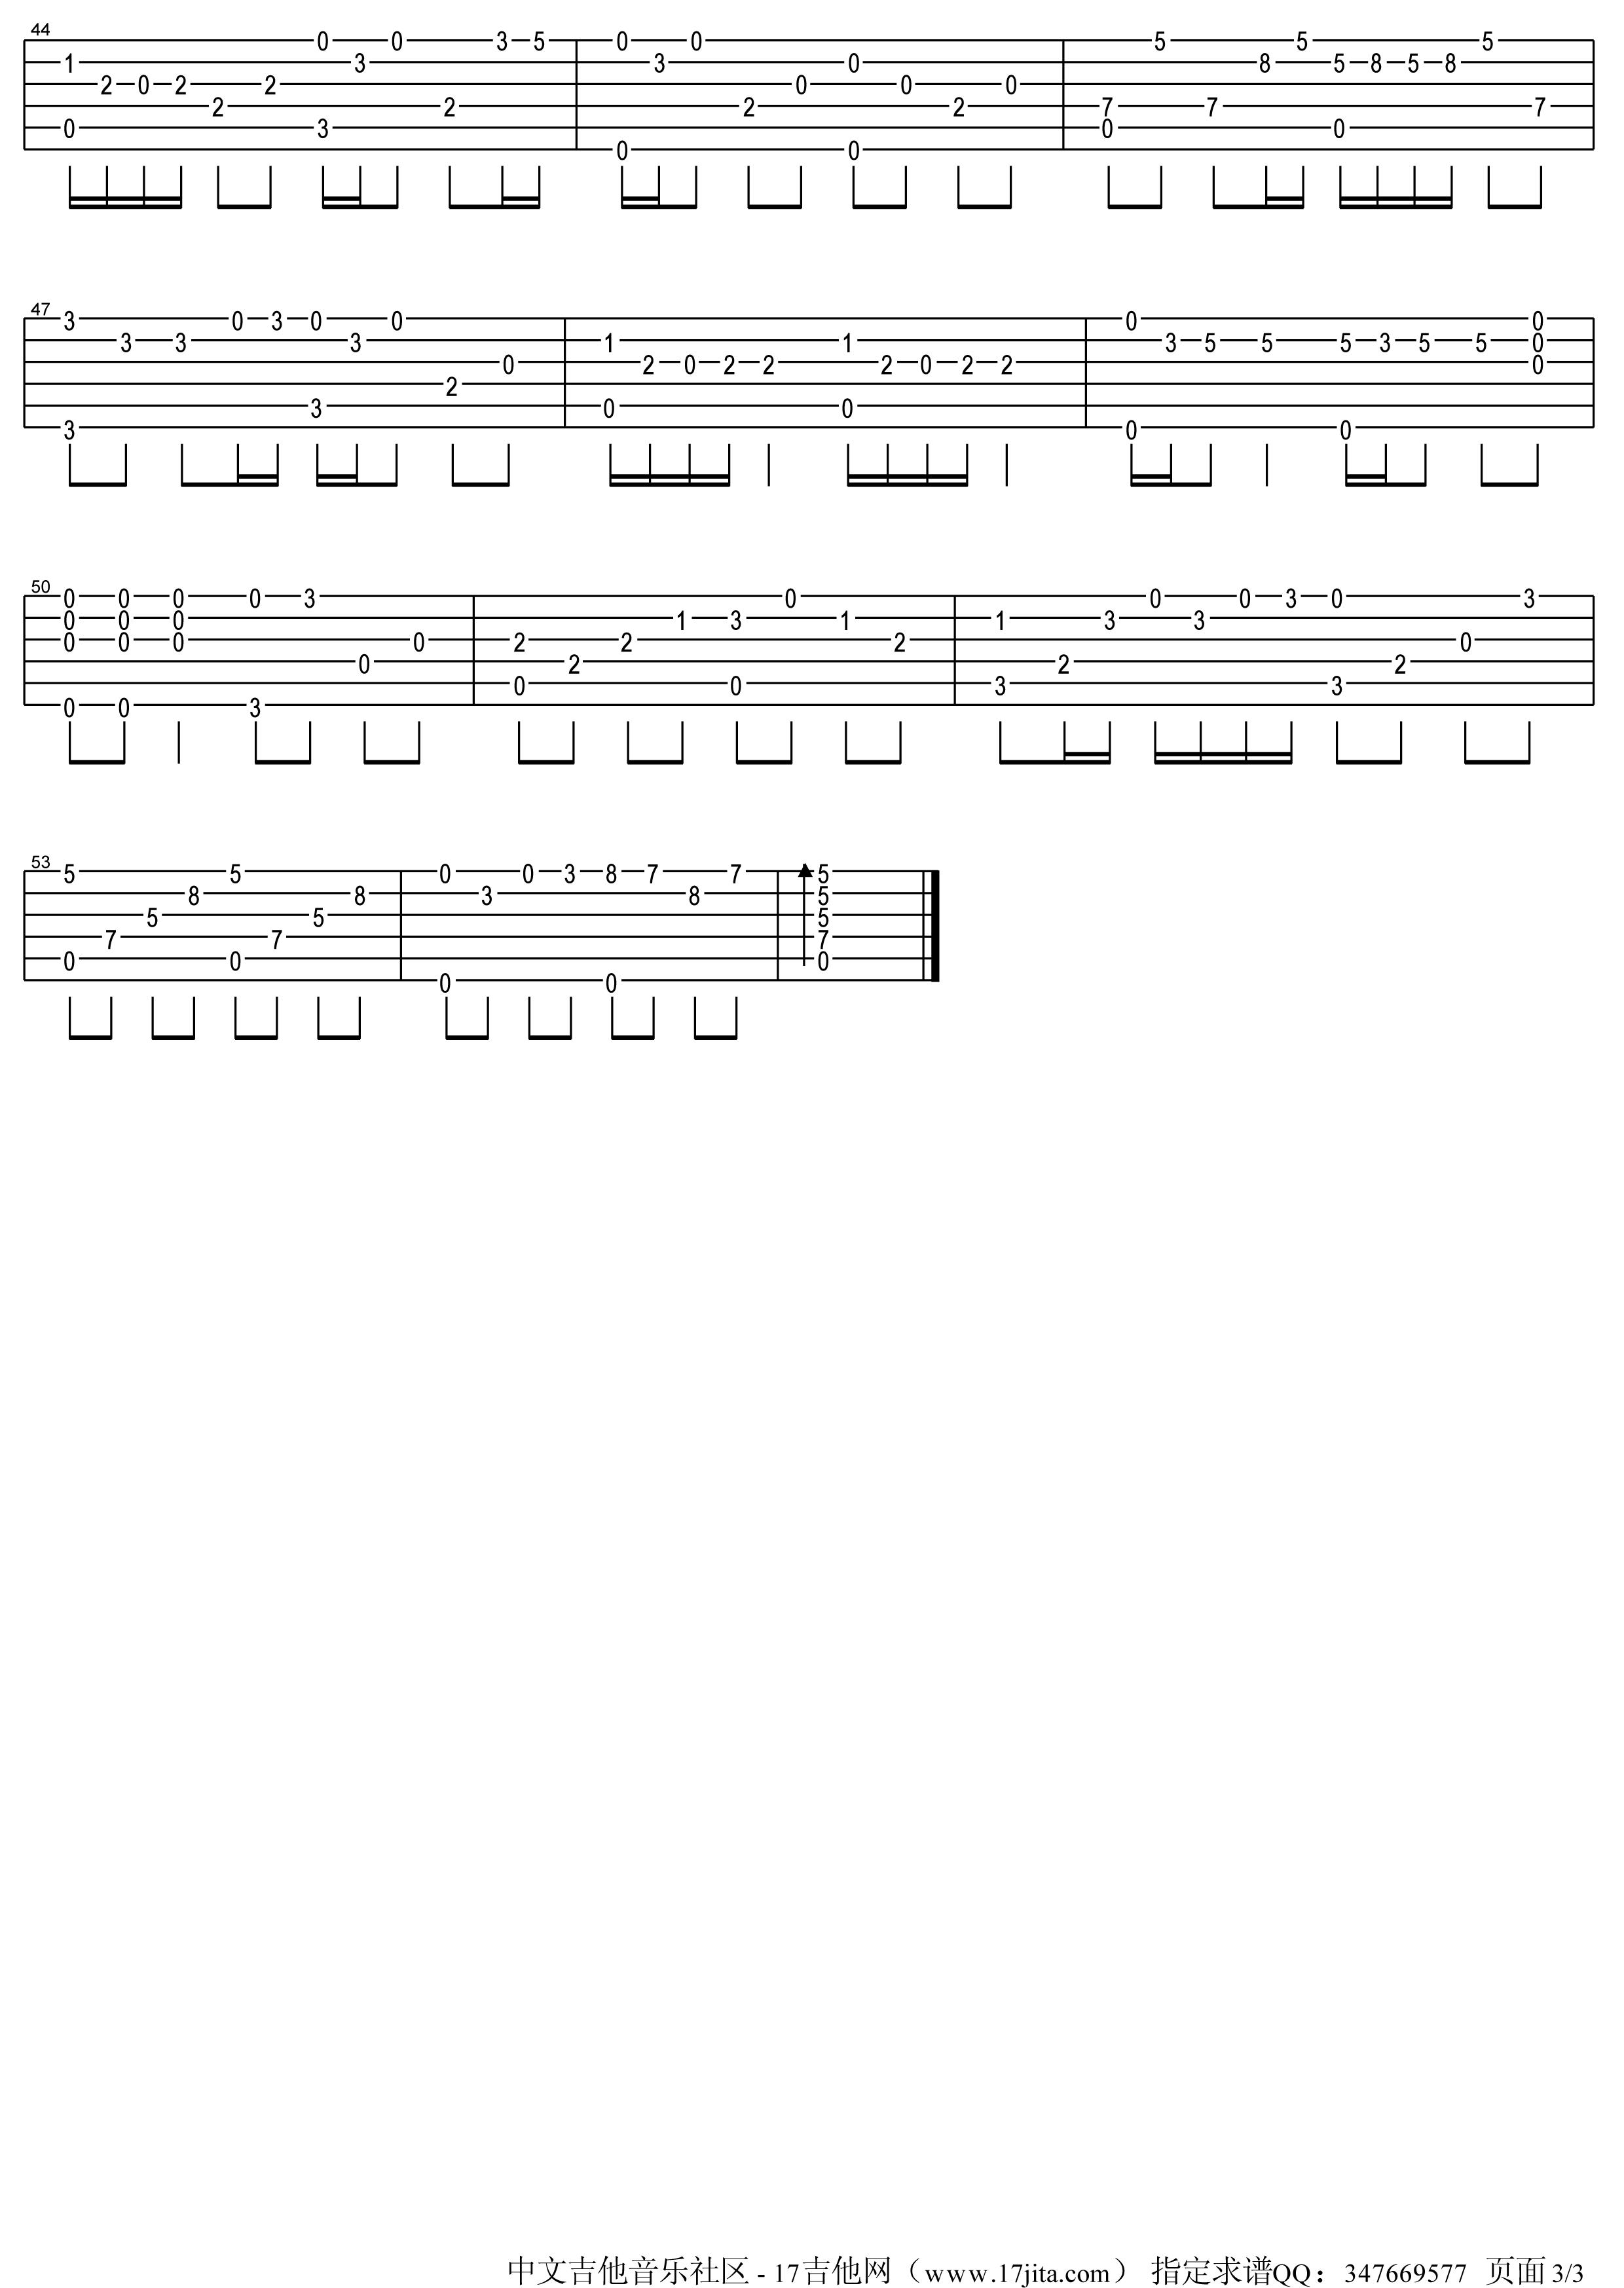 费玉清 一剪梅指弹吉他谱【高清版】-C大调音乐网